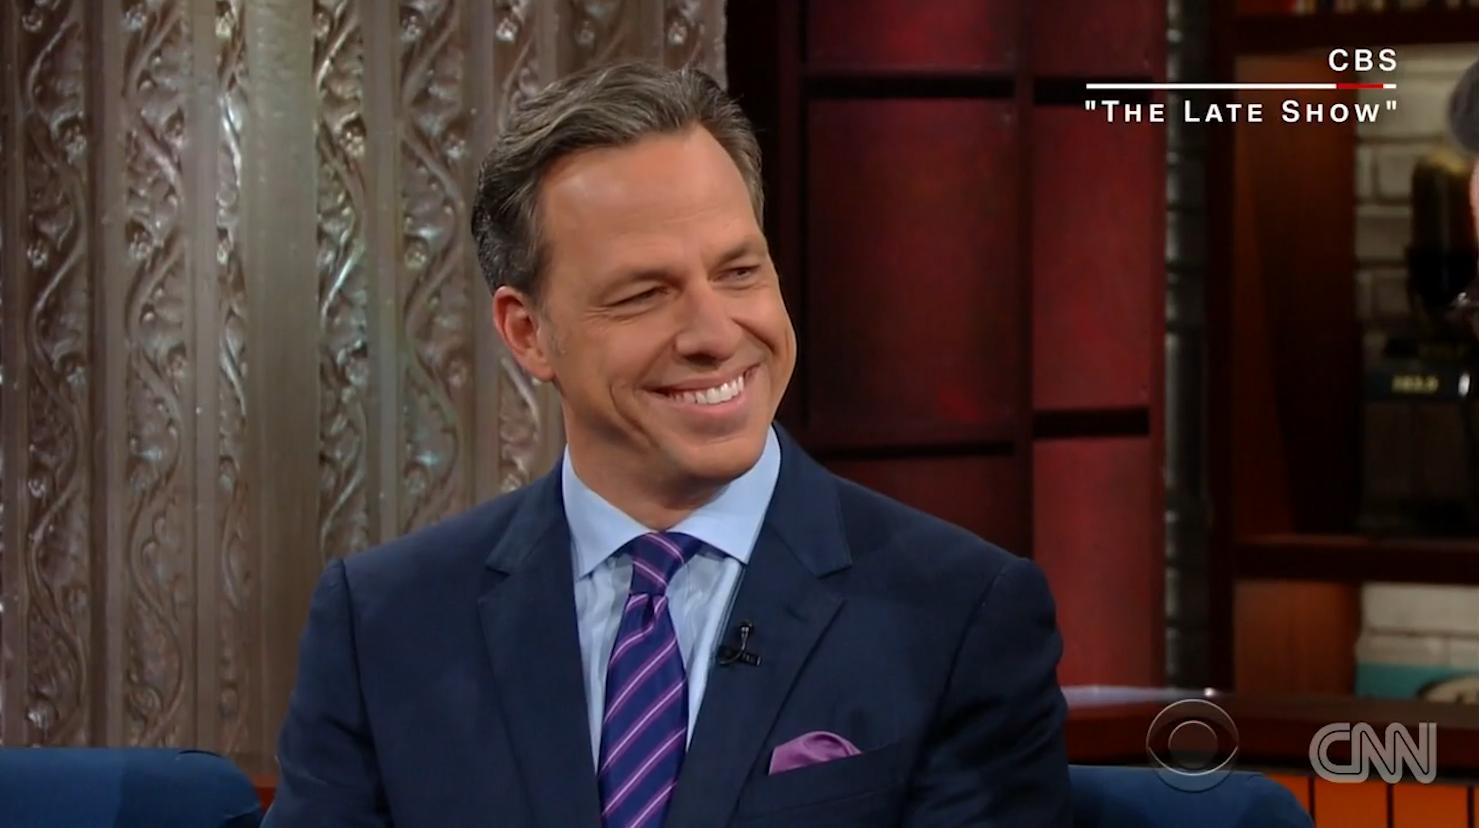 مذيع CNN: لا أعتقد أننا نكترث بمشاعر ترامب نحونا